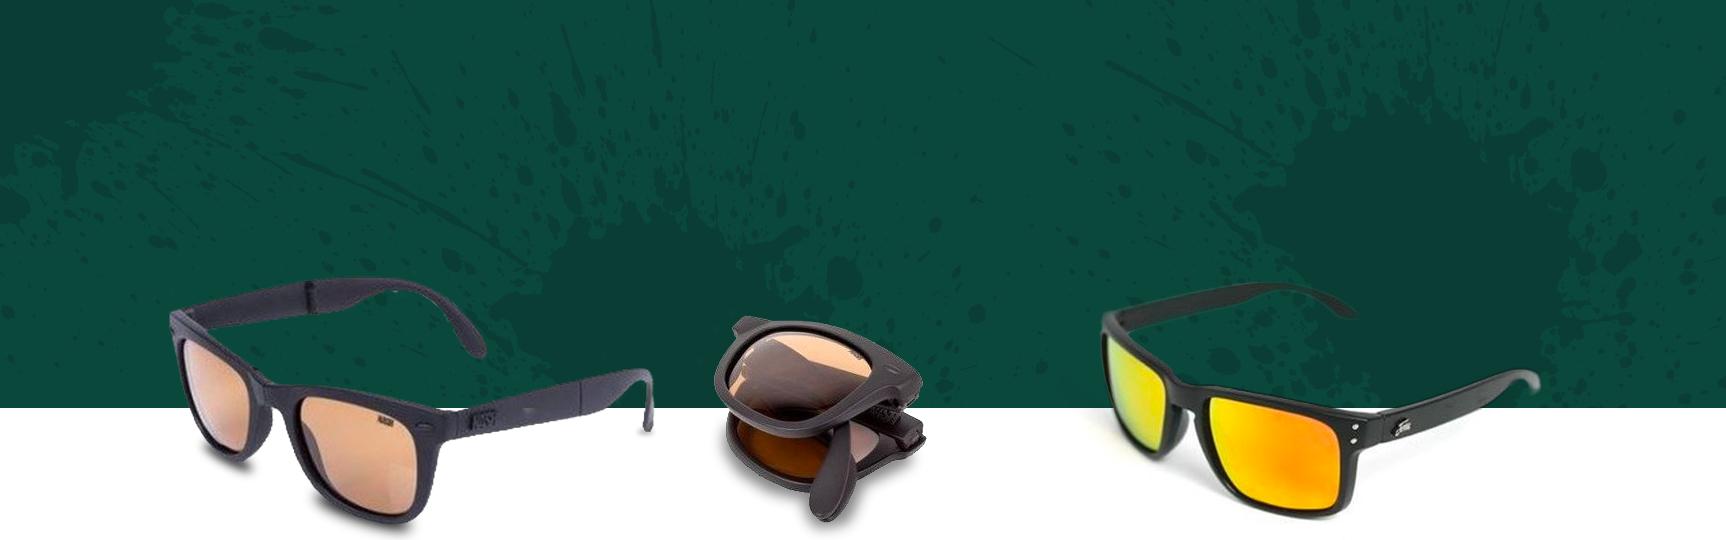 Sonnenbrillen / Polbrillen